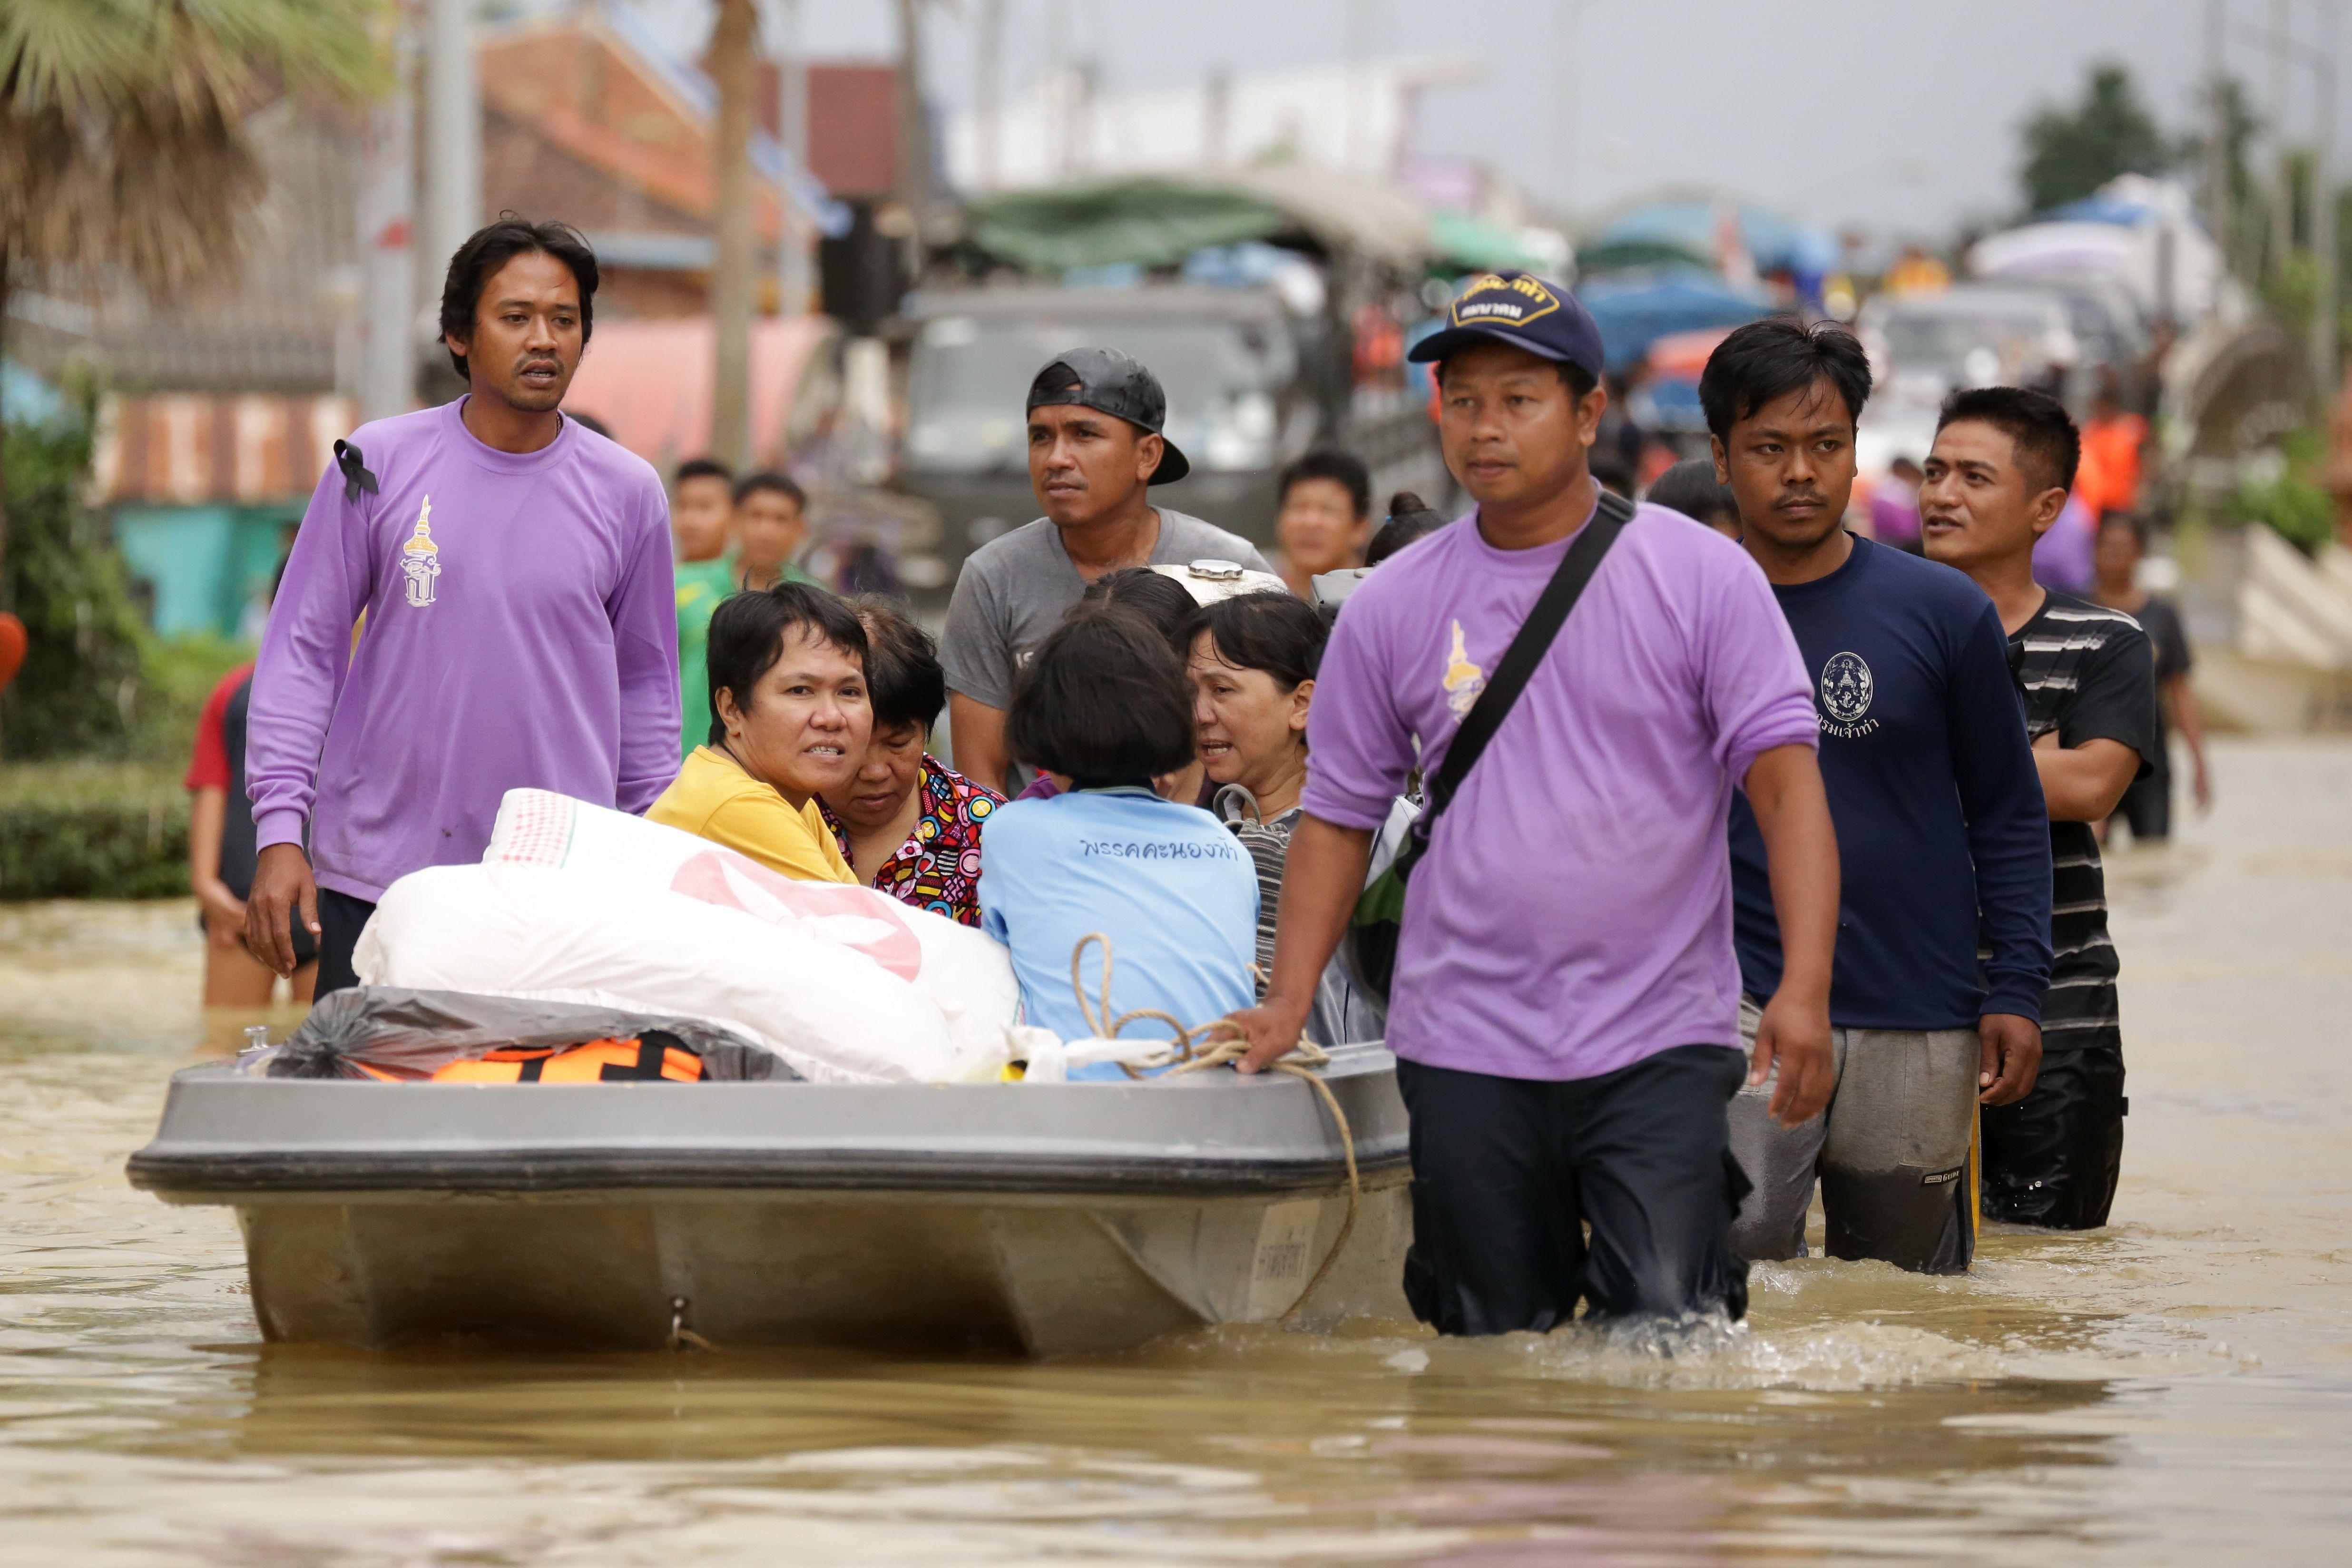 عمال الانقاذ يجلون عائلة من منزلها بسبب فيضانات فى تايلاند - أ ف ب